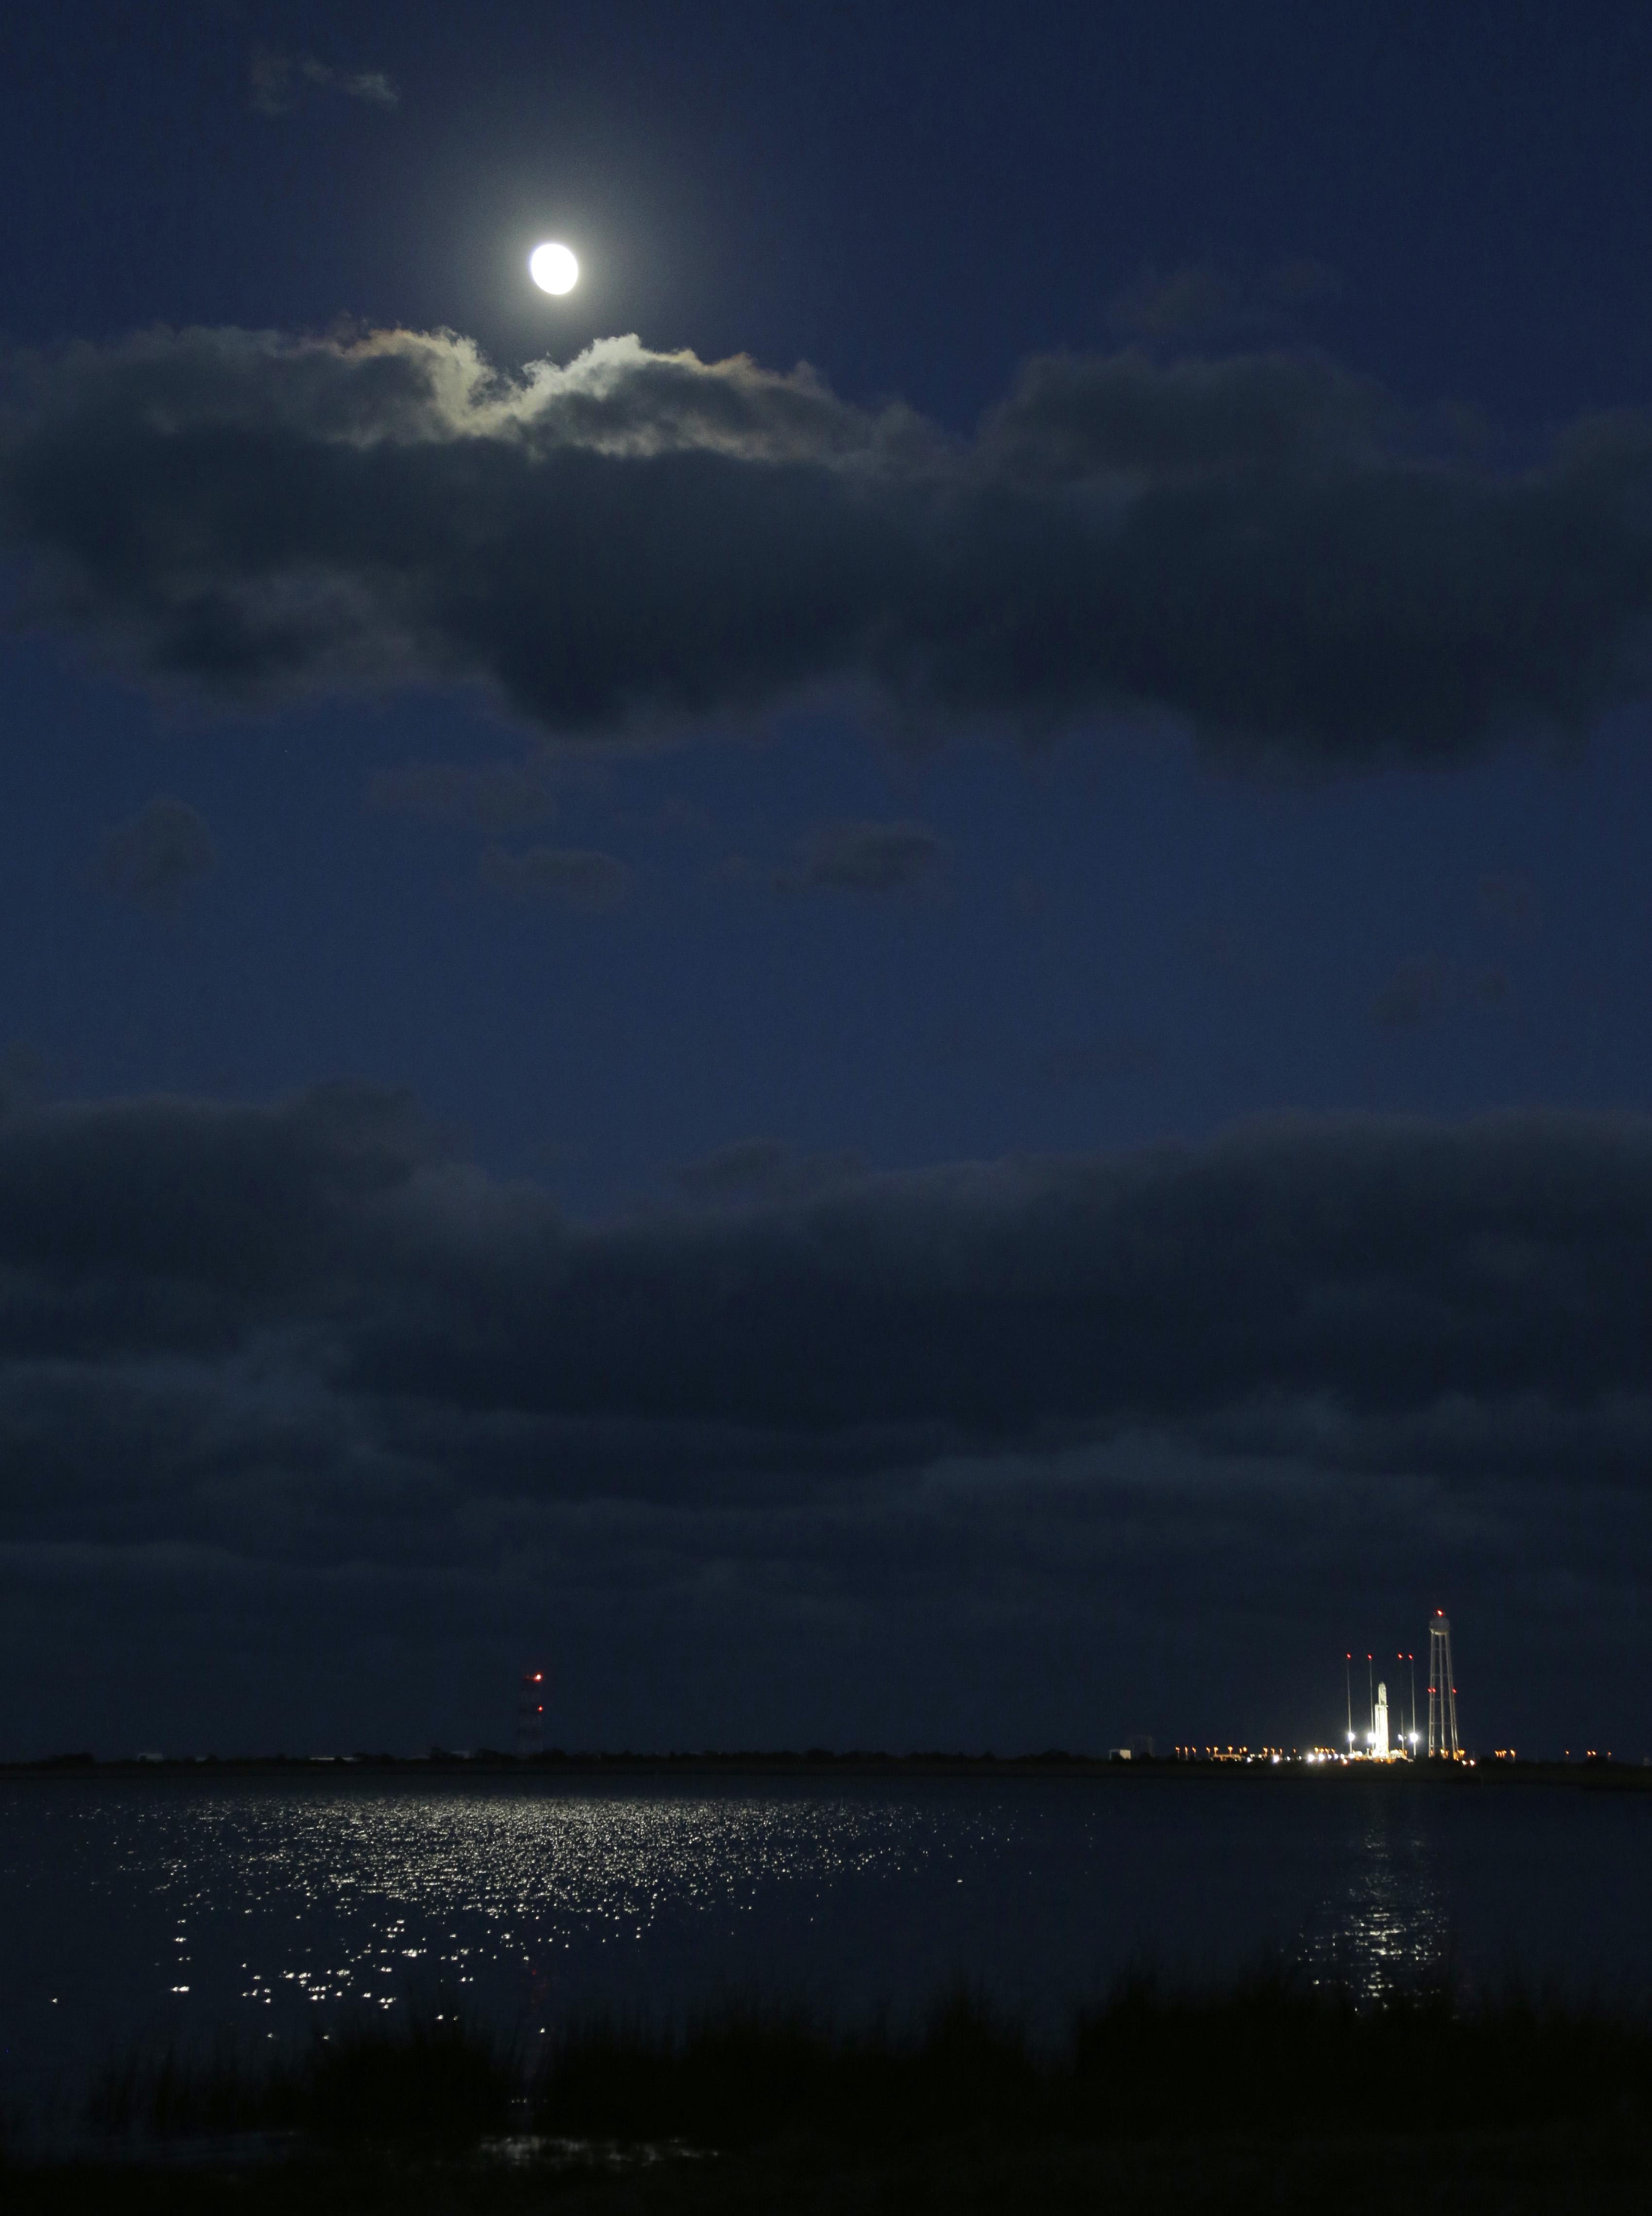 ऑरबिटल साइंस कॉर्प के चंद्रमा अपनी रोशनी बिखेरते हुए।